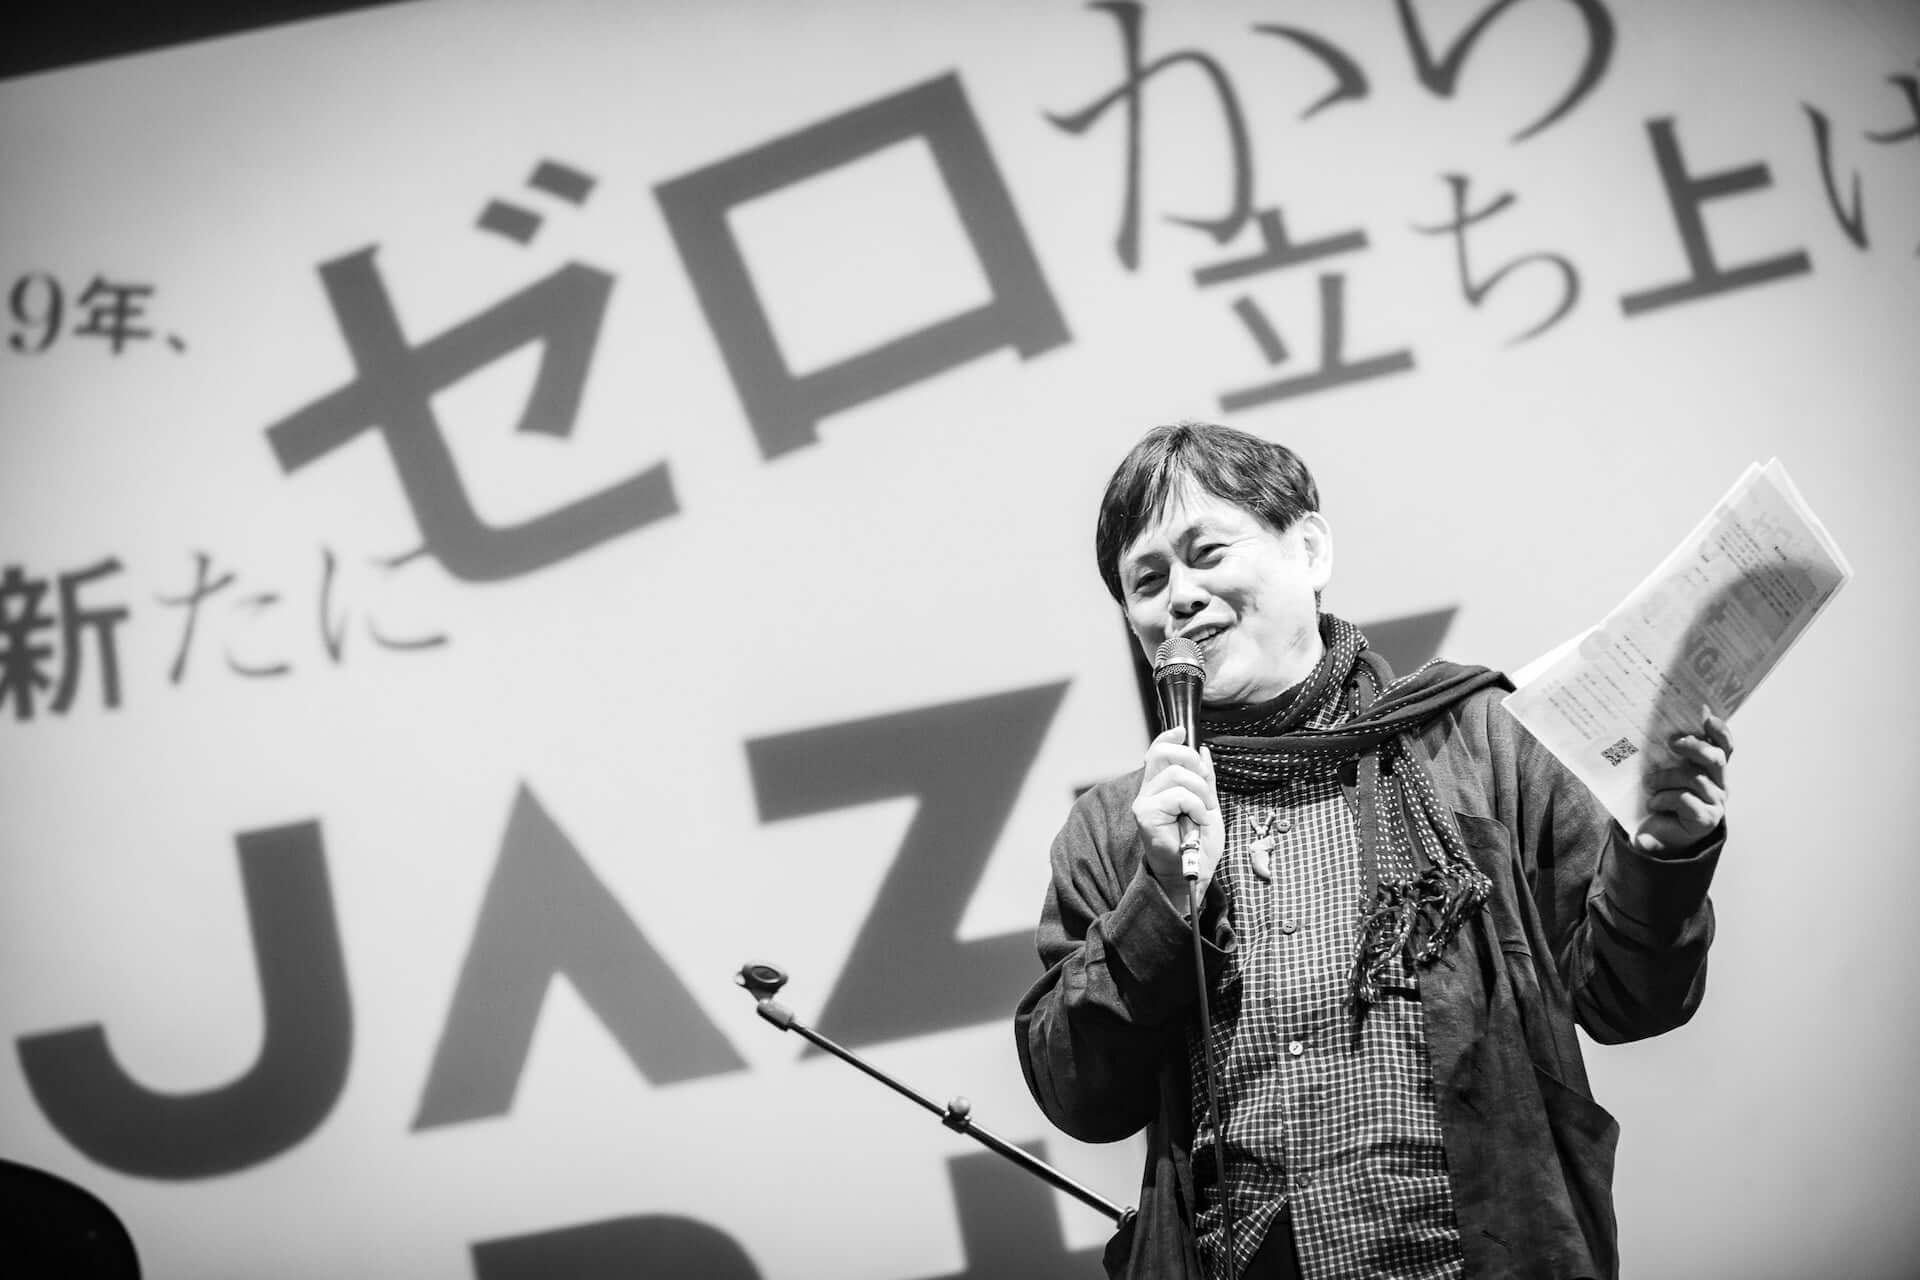 巻上公一らが出演する、即興音楽とアートのフェスティバル<JAZZ ART せんがわ 2019>開催決定!クラウドファンディング実施中 music190814jazzart_2-1920x1280